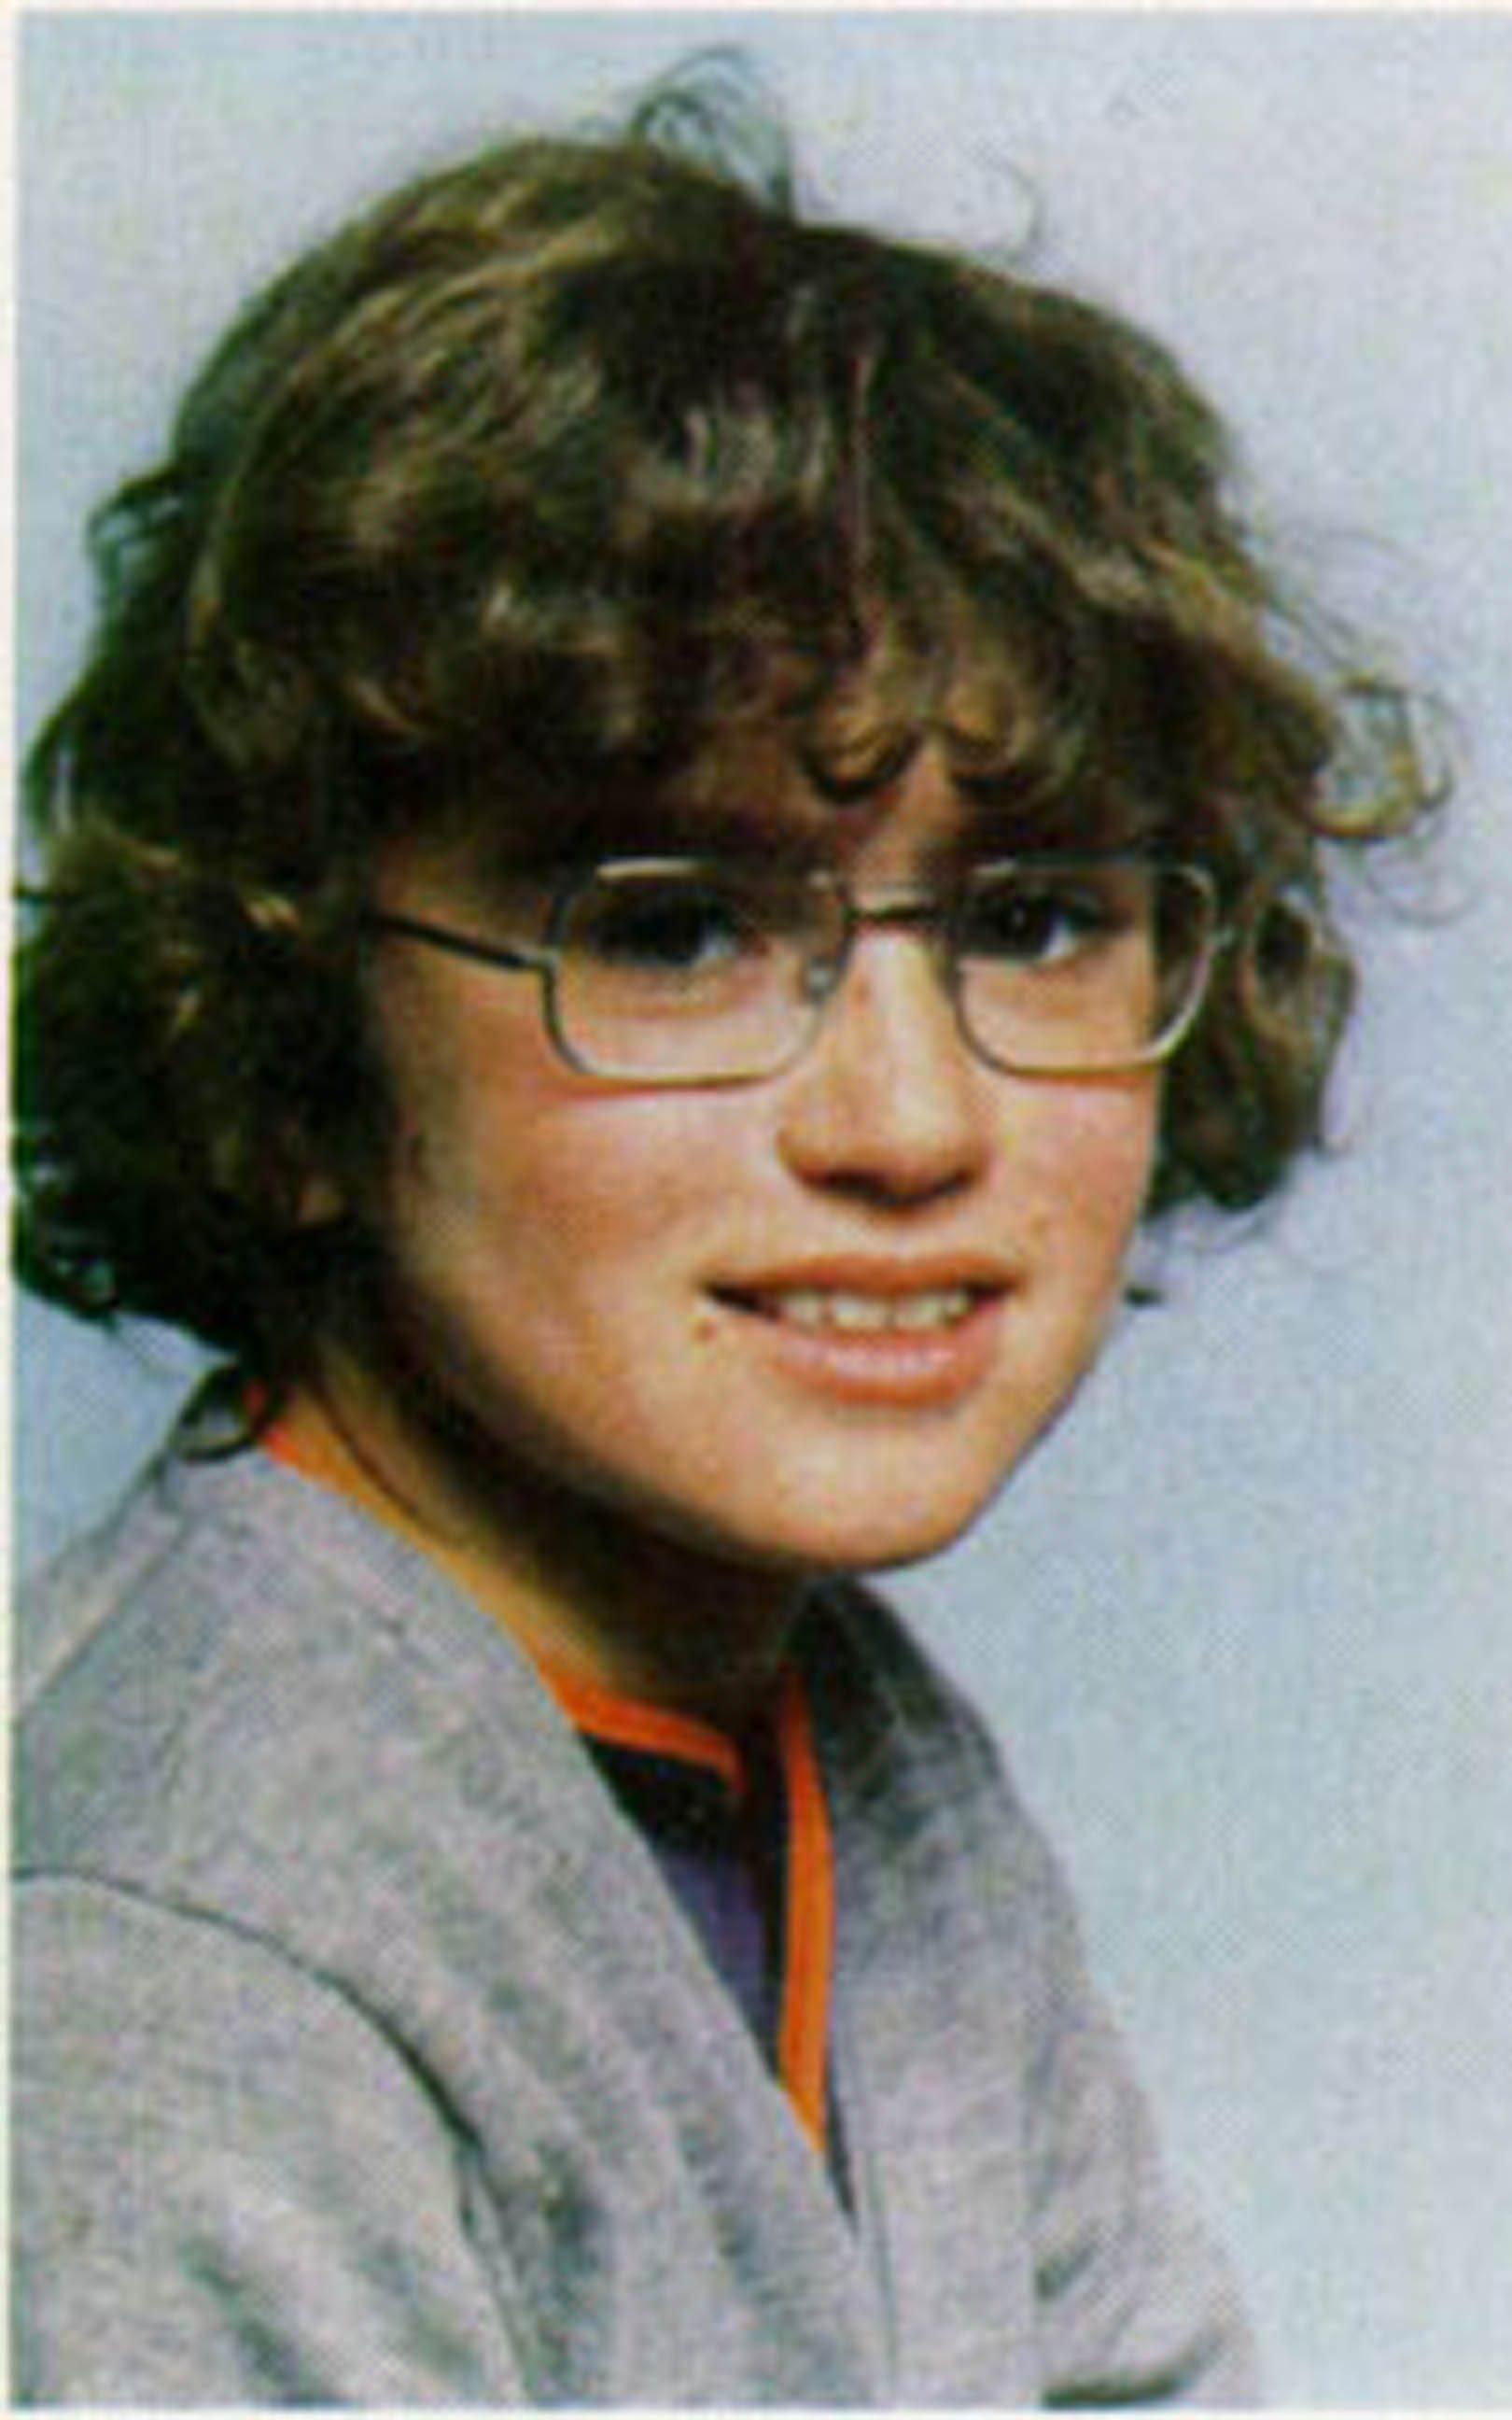 Akit tuti nem ismertek fel: George Michael szemüveges tiniként